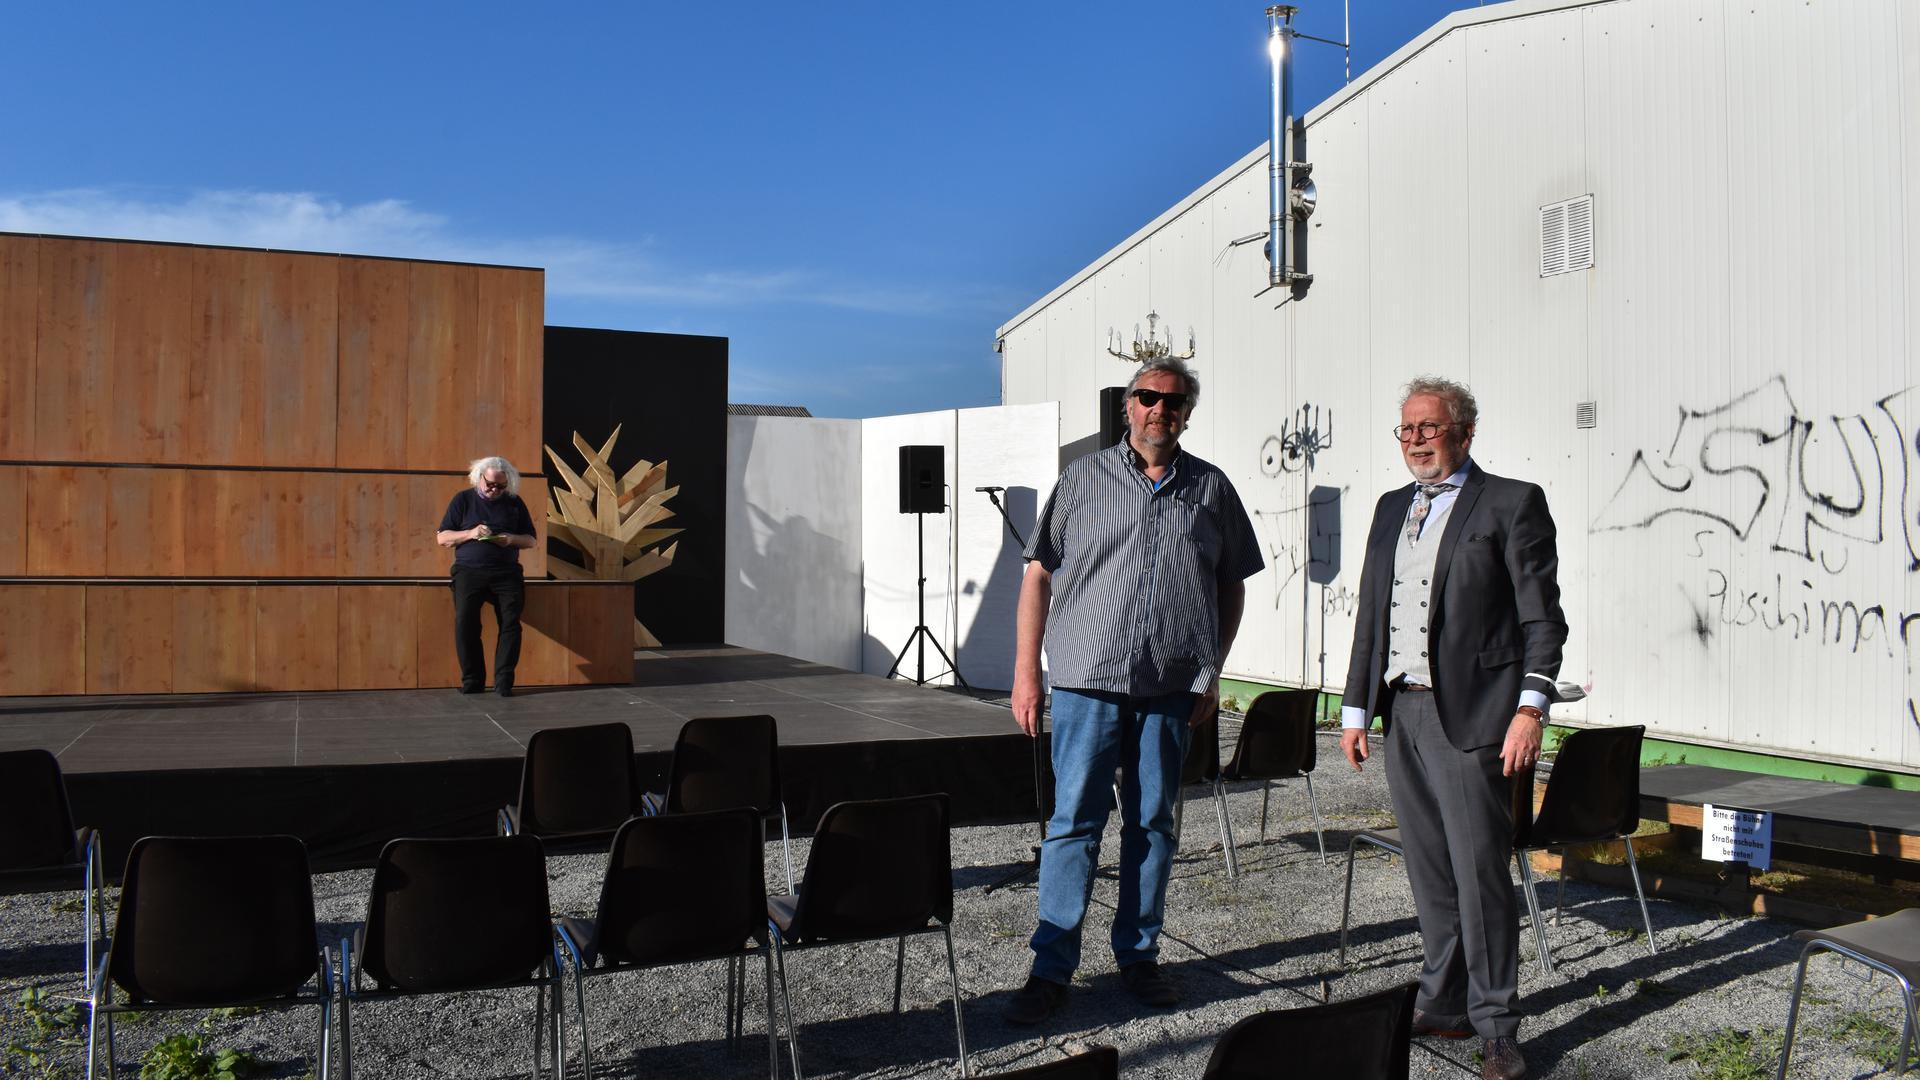 BLB-Intendant Carsten Ramm (links) und Bernhard Wendel (rechts), der Vorsitzende des Vereins Exil Theater Bruchsal.